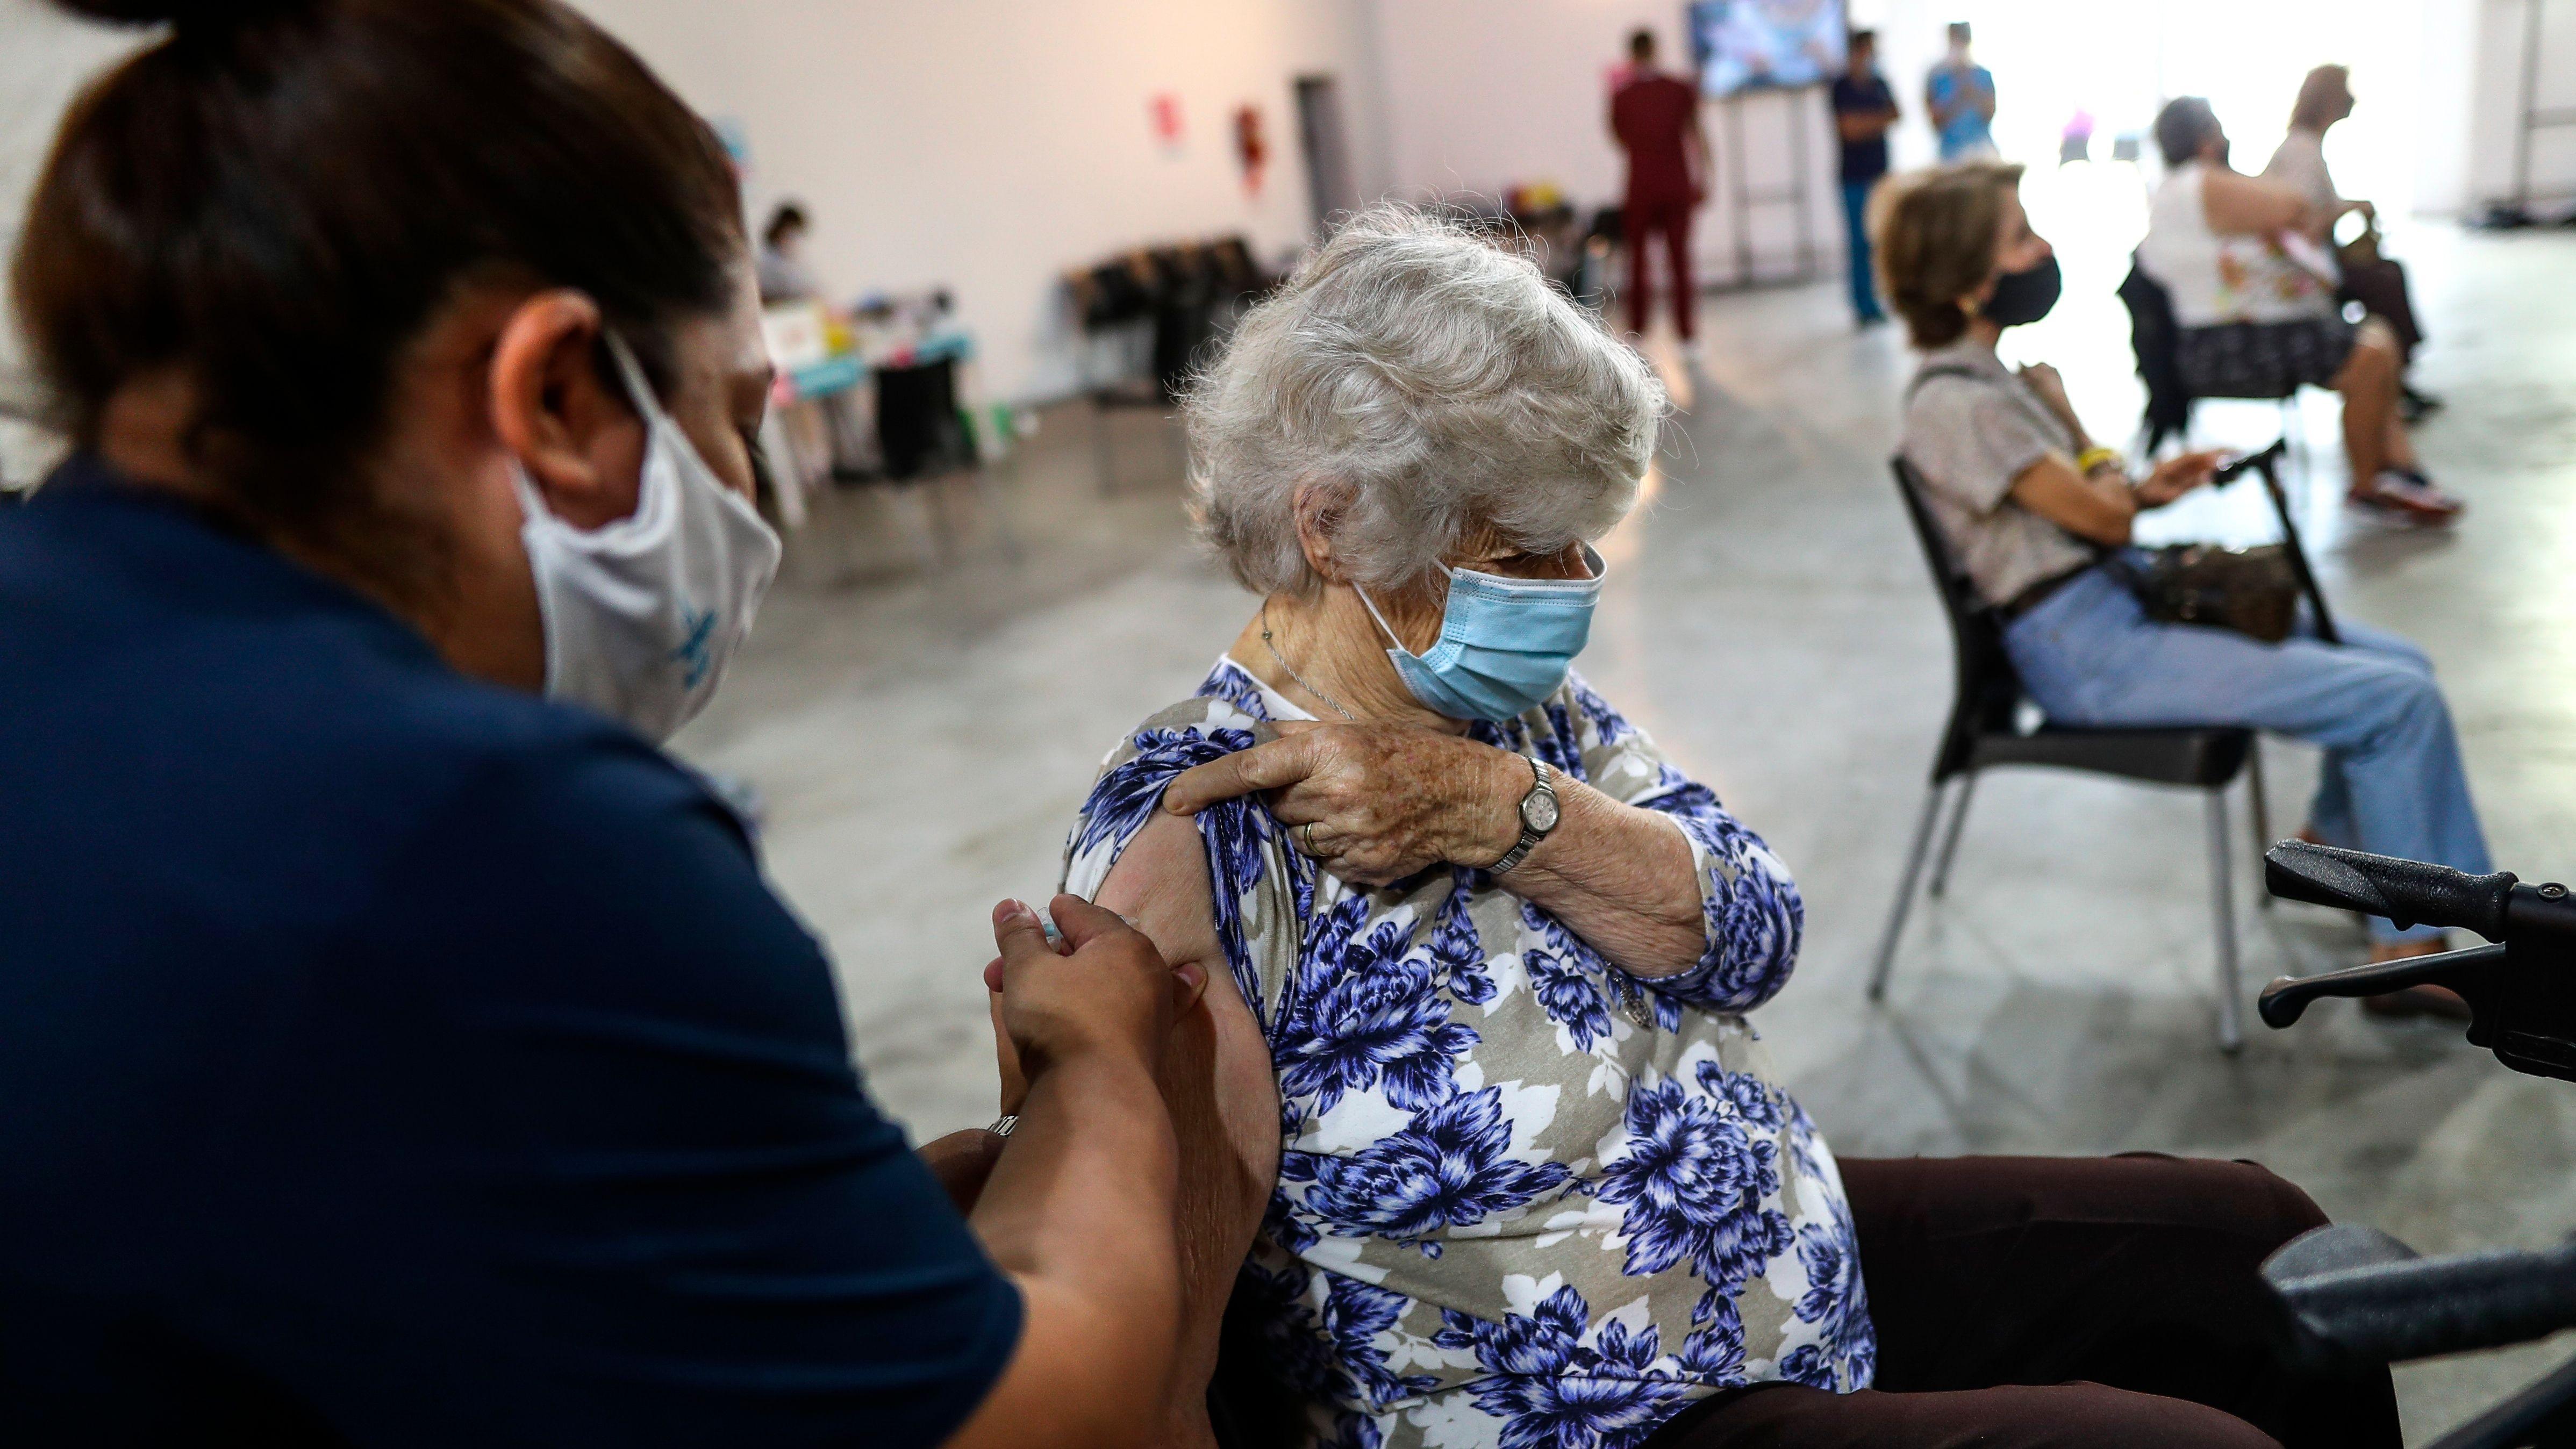 Adultos mayores reciben la vacuna contra la covid-19 en una jornada de vacunación en la Provincia de Buenos Aires, (Argentina). EFE/Juan Ignacio Roncoroni/Archivo